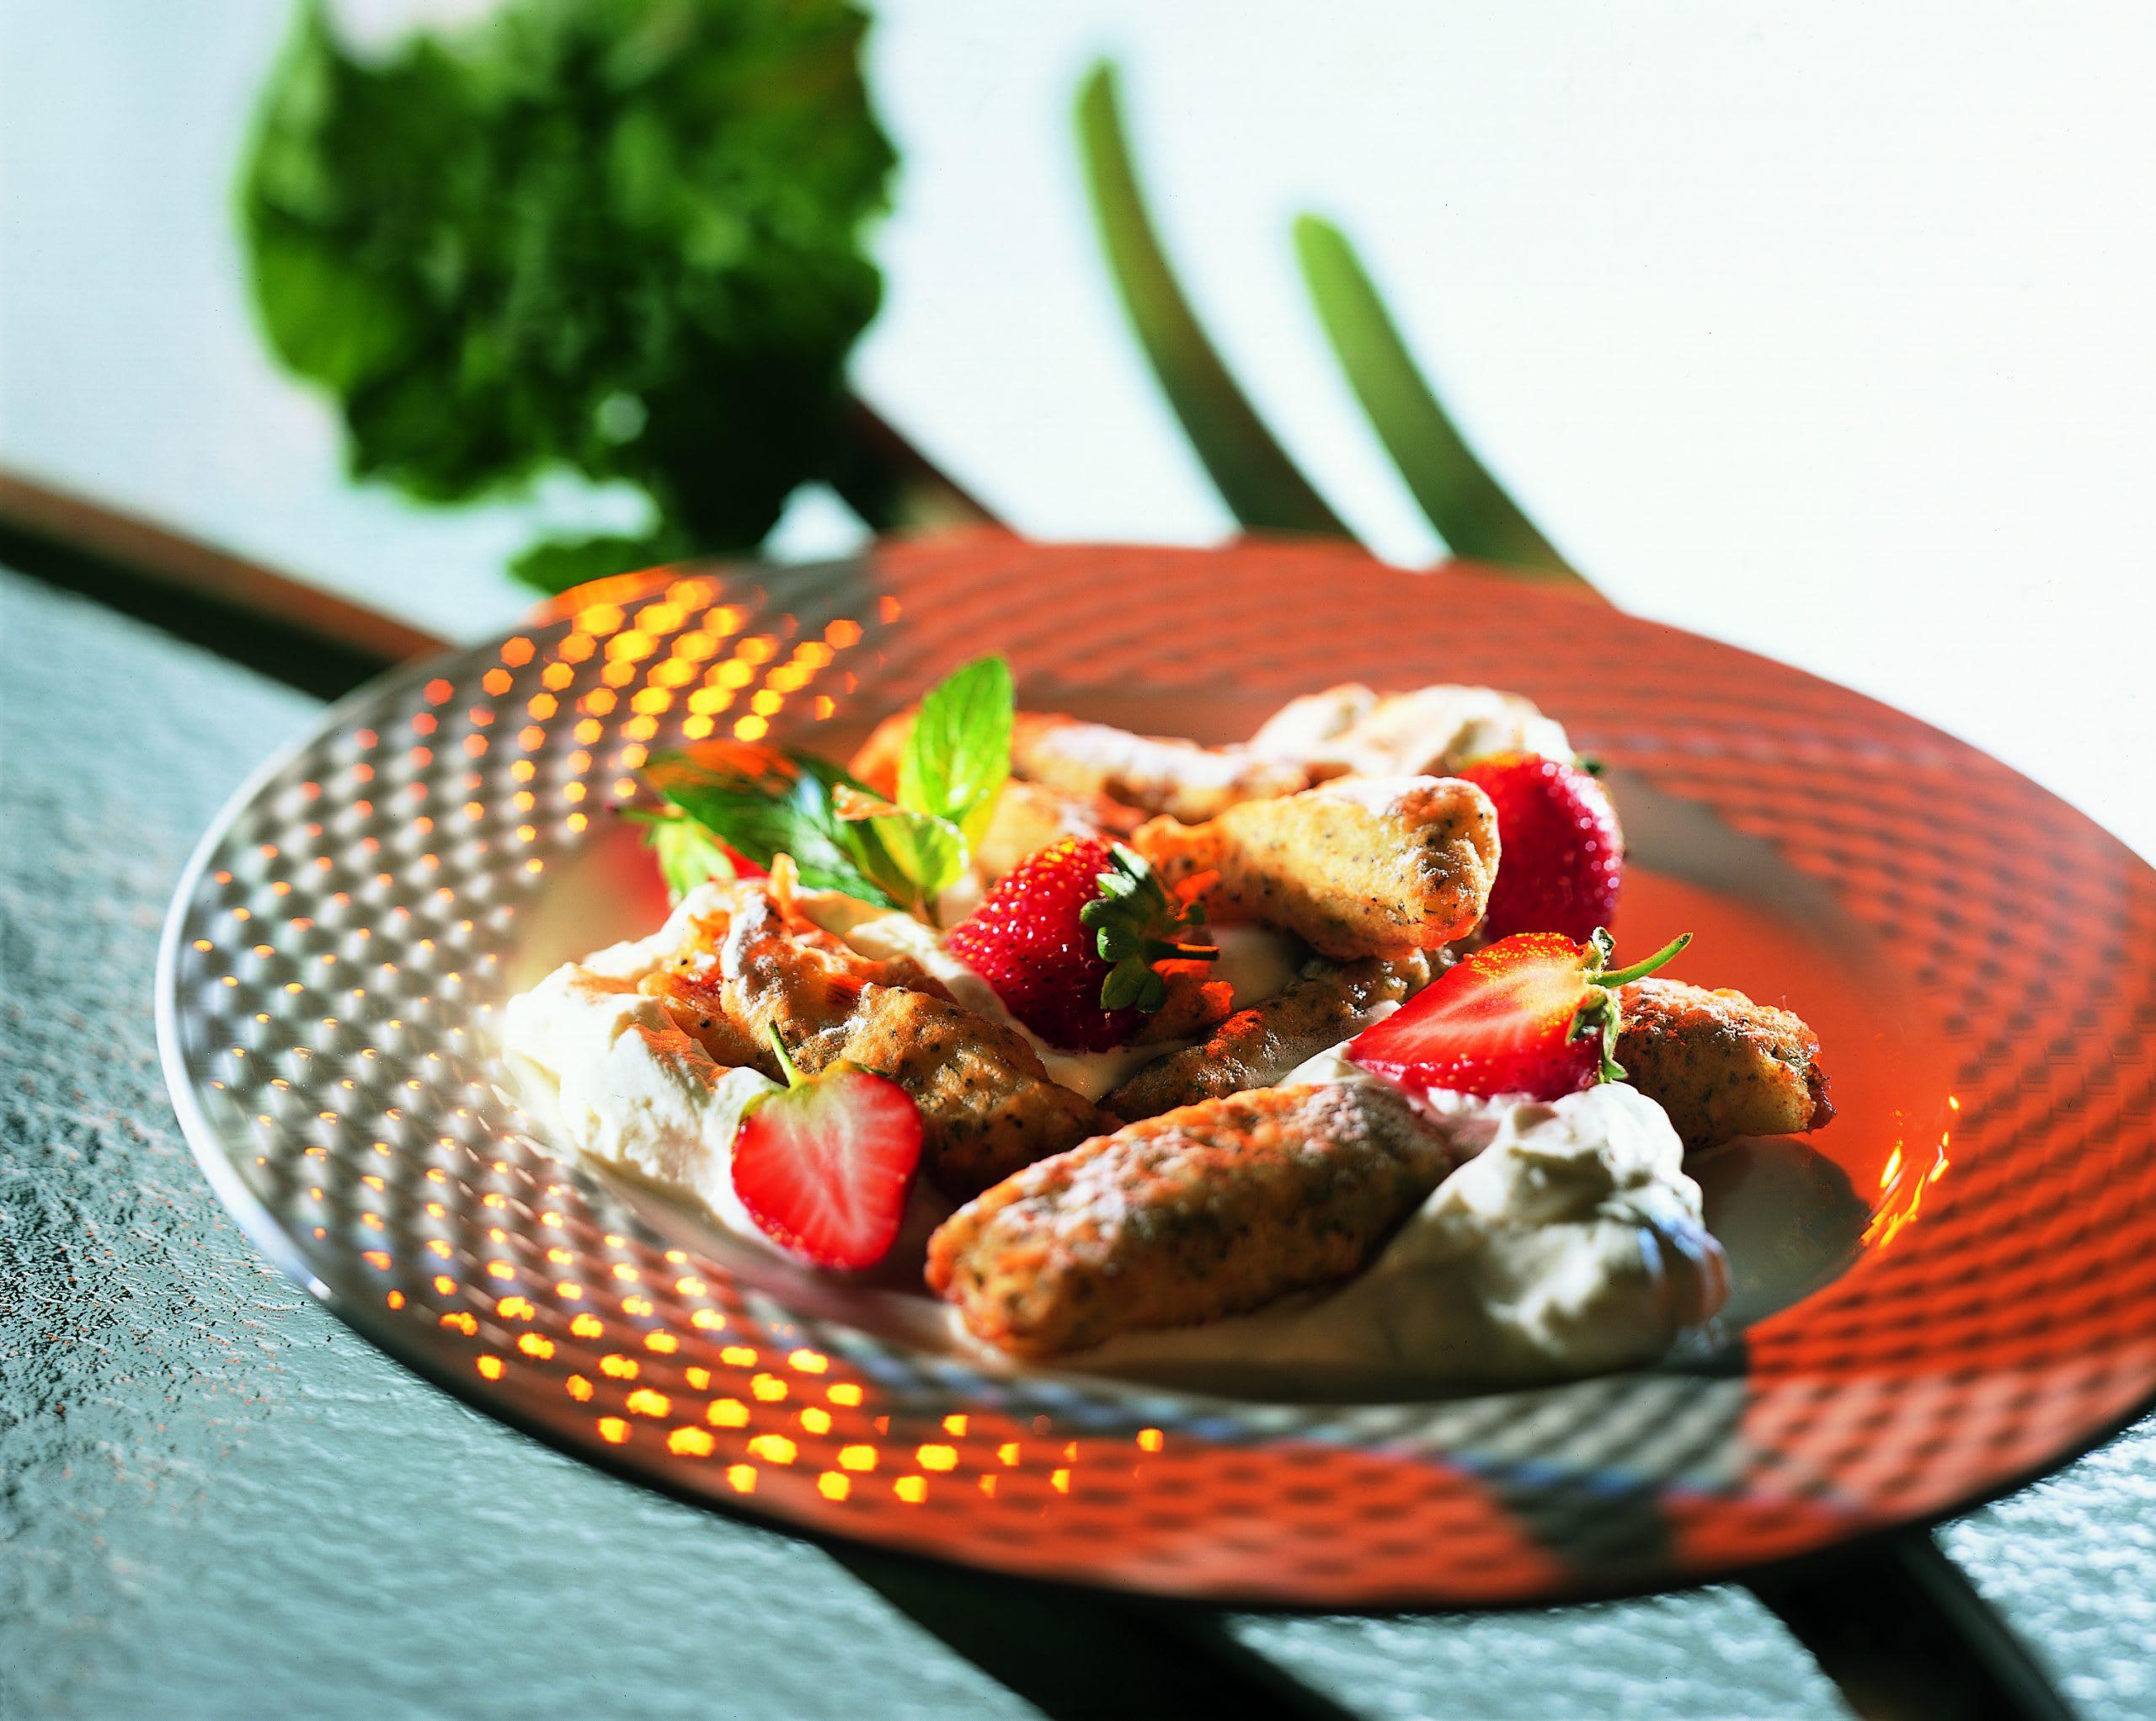 Frittierter Rhabarber mit Honigschaum